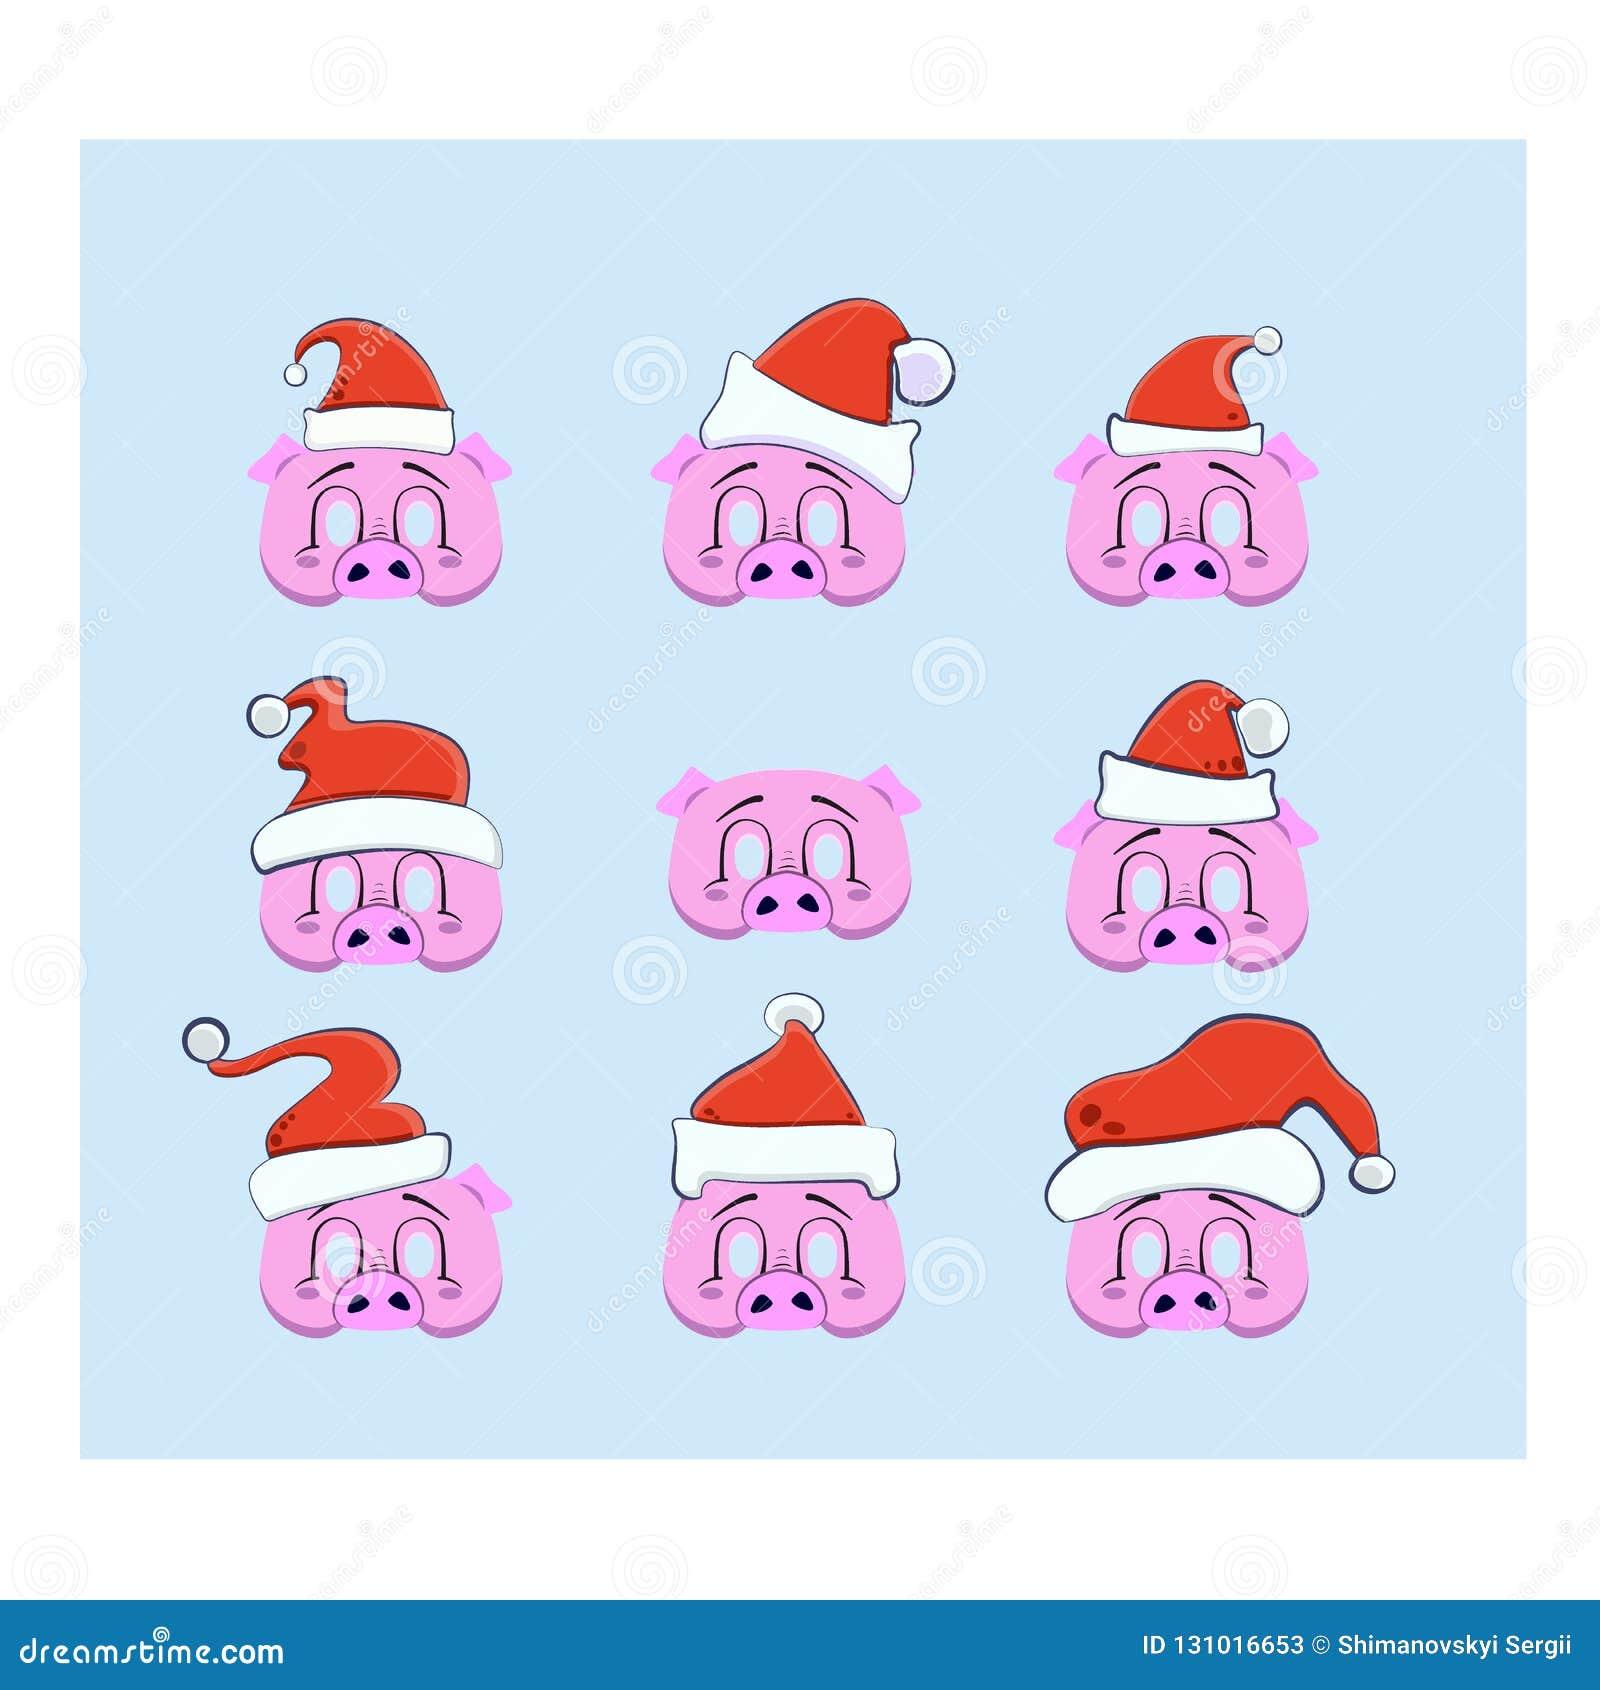 Un ensemble d appui verticaux pour une séance photos pendant Noël et la nouvelle année, masque sous forme de tête d un porc avec